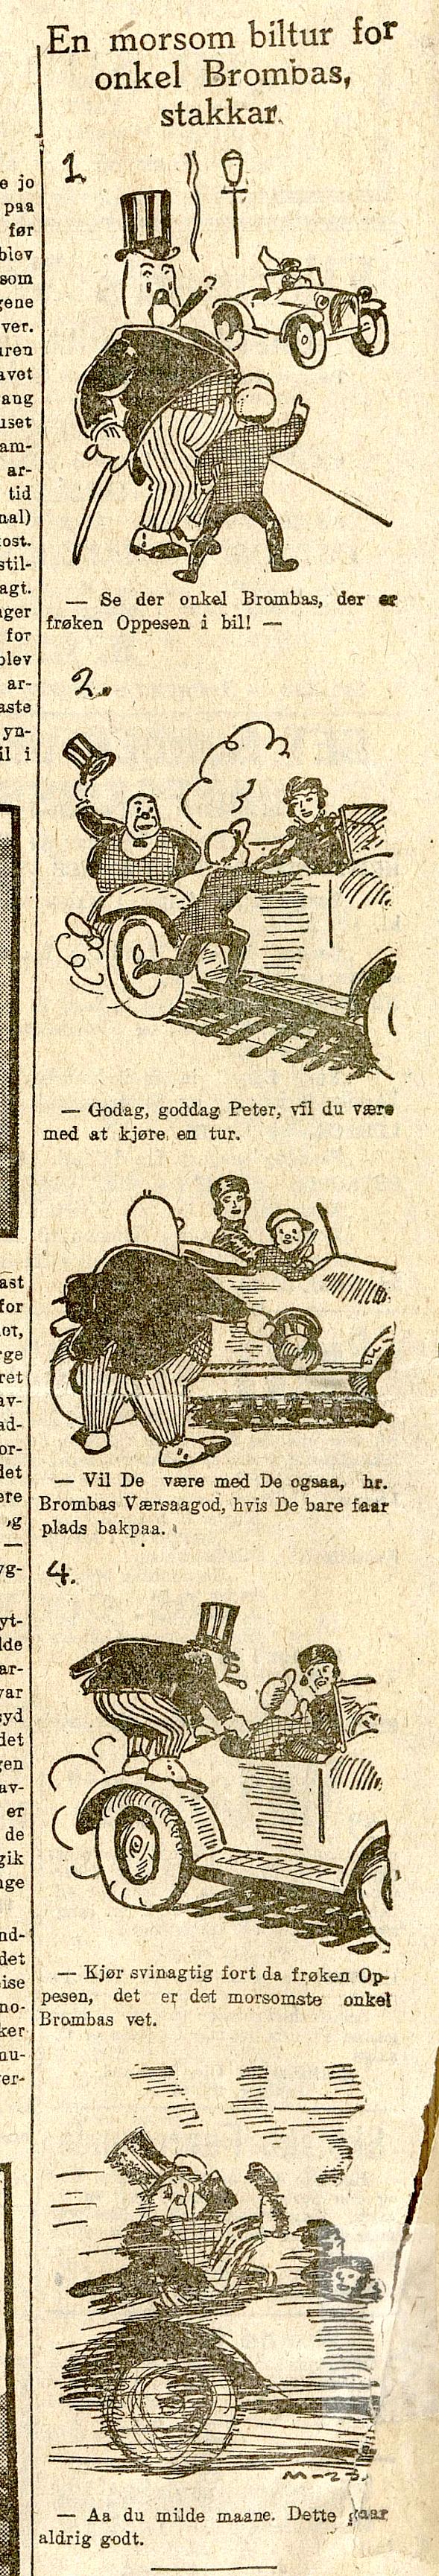 En morsom biltur for Onkel Brombas, stakkar, av Ivar Mauritz-Hansen.